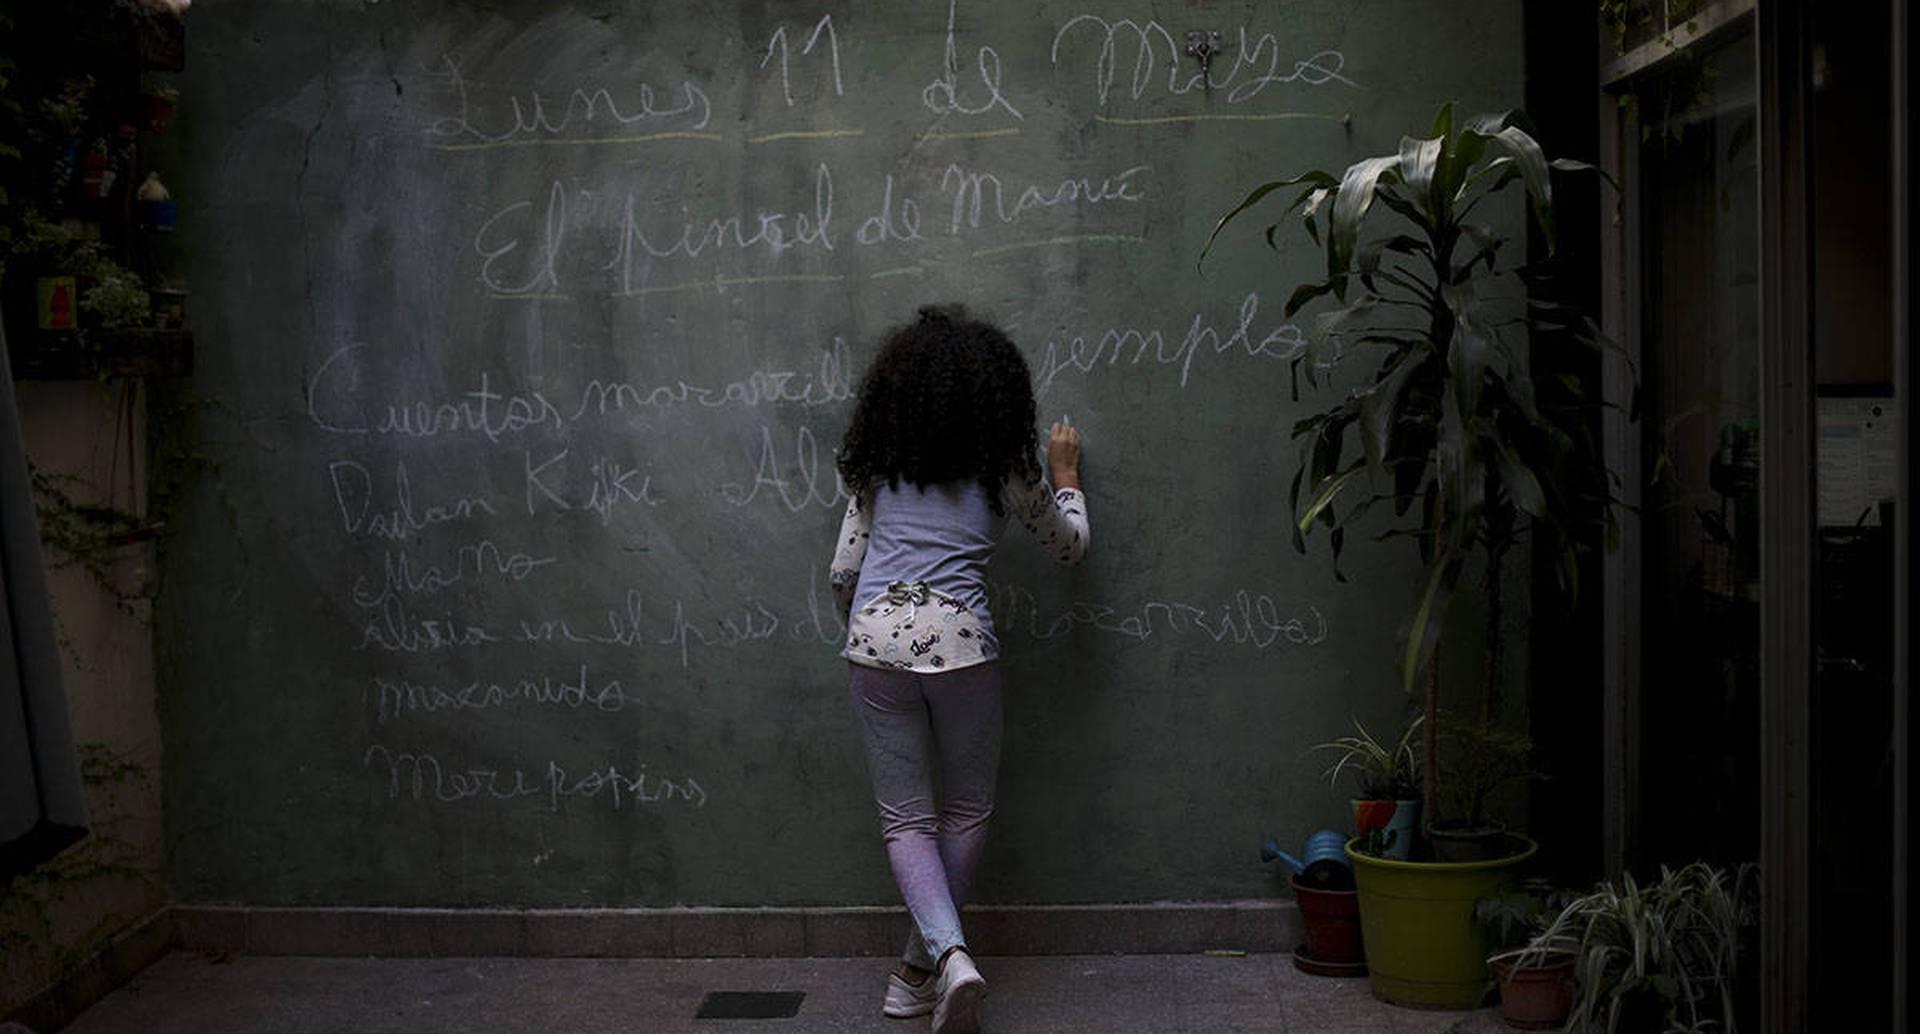 Odara Luna Farmetano utiliza una pared en su casa como pizarra, durante el bloqueo ordenado por el Gobierno con el fin de frenar la propagación del covid-19, en Buenos Aires, Argentina, el 11 de mayo. El país latinoamericano registra 7.121 casos de contagio. Foto: Natacha Pisarenko/ AP.